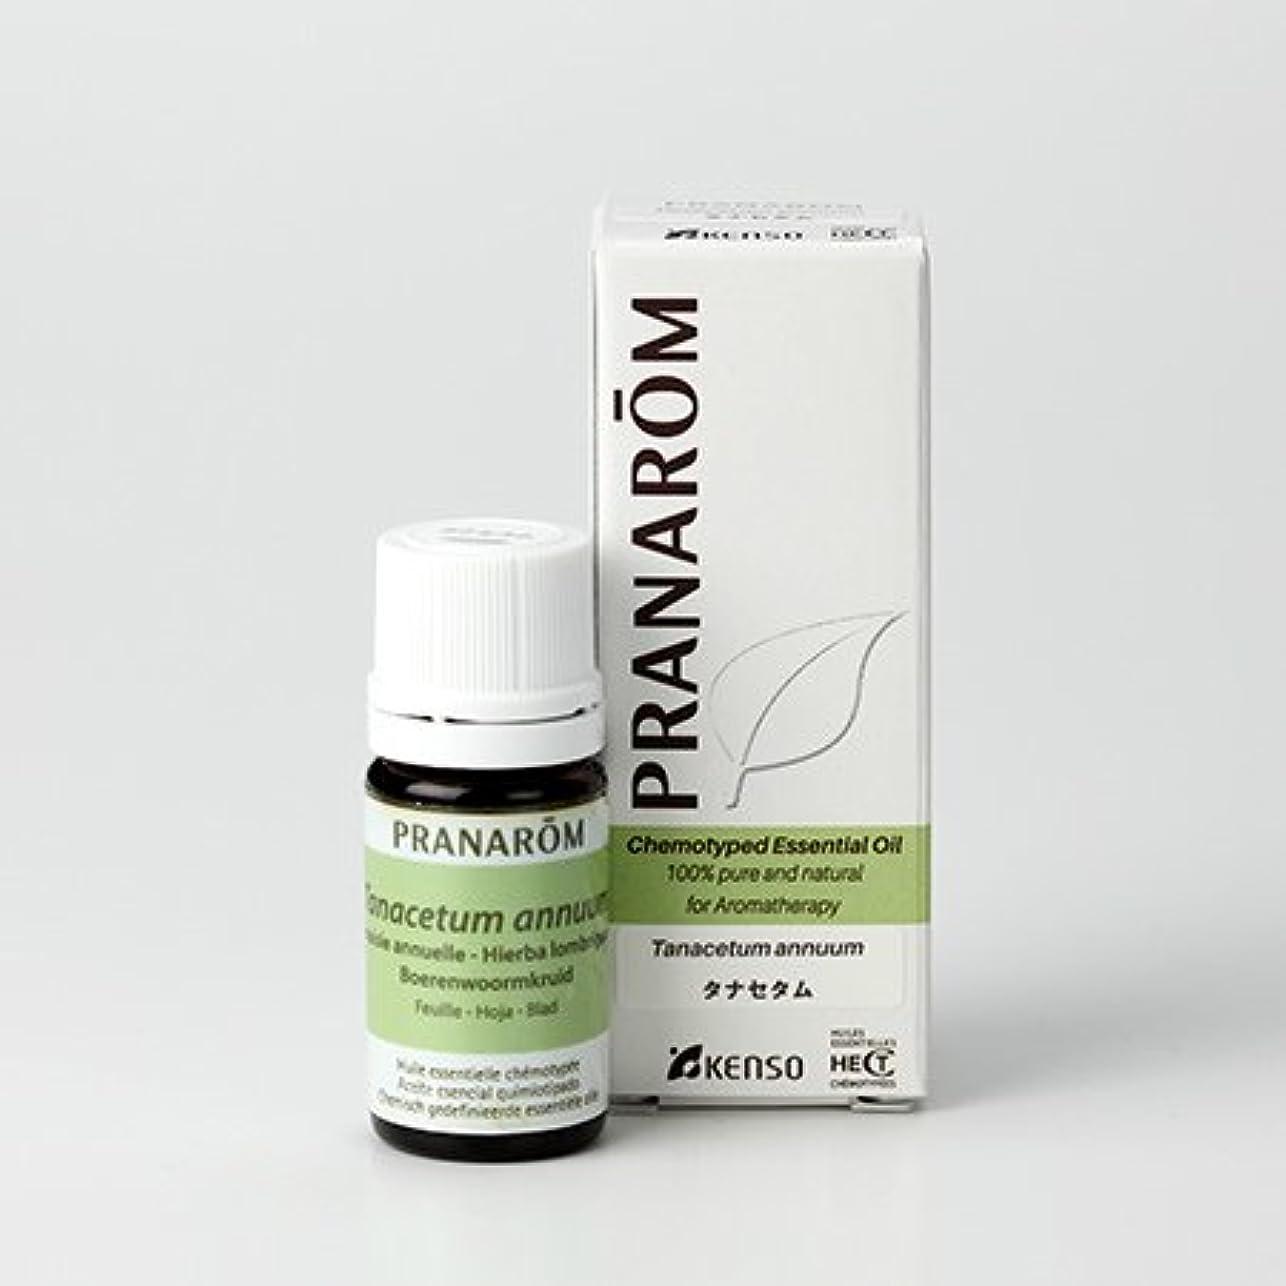 驚プレゼン小数プラナロム タナセタム 5ml (PRANAROM ケモタイプ精油)